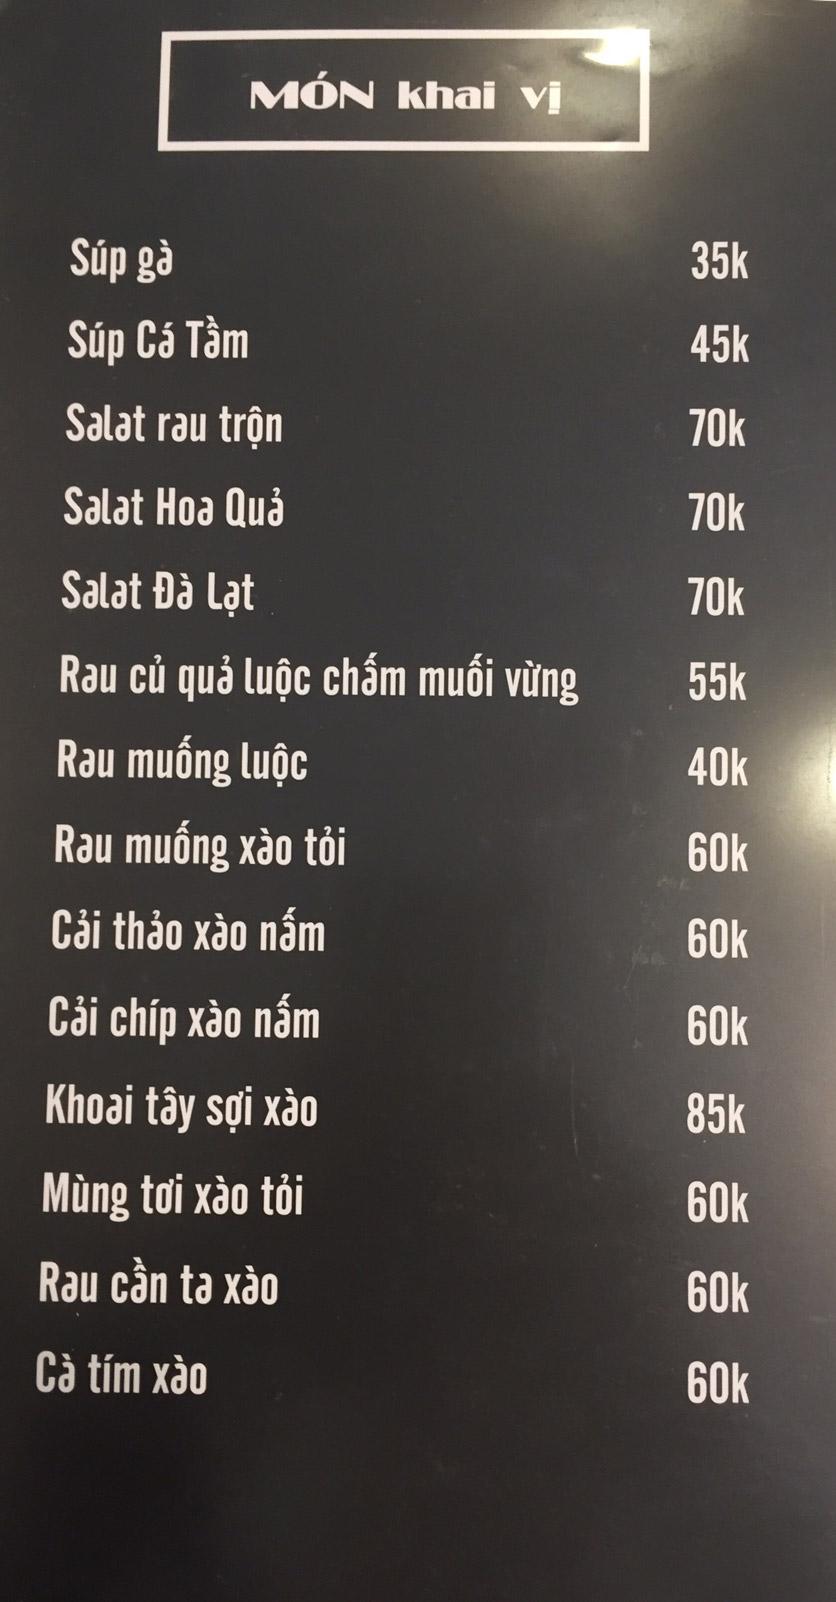 Menu Lam Huyền - Đặc sản lẩu hơi nồi đá - Hoàng Quốc Việt  5